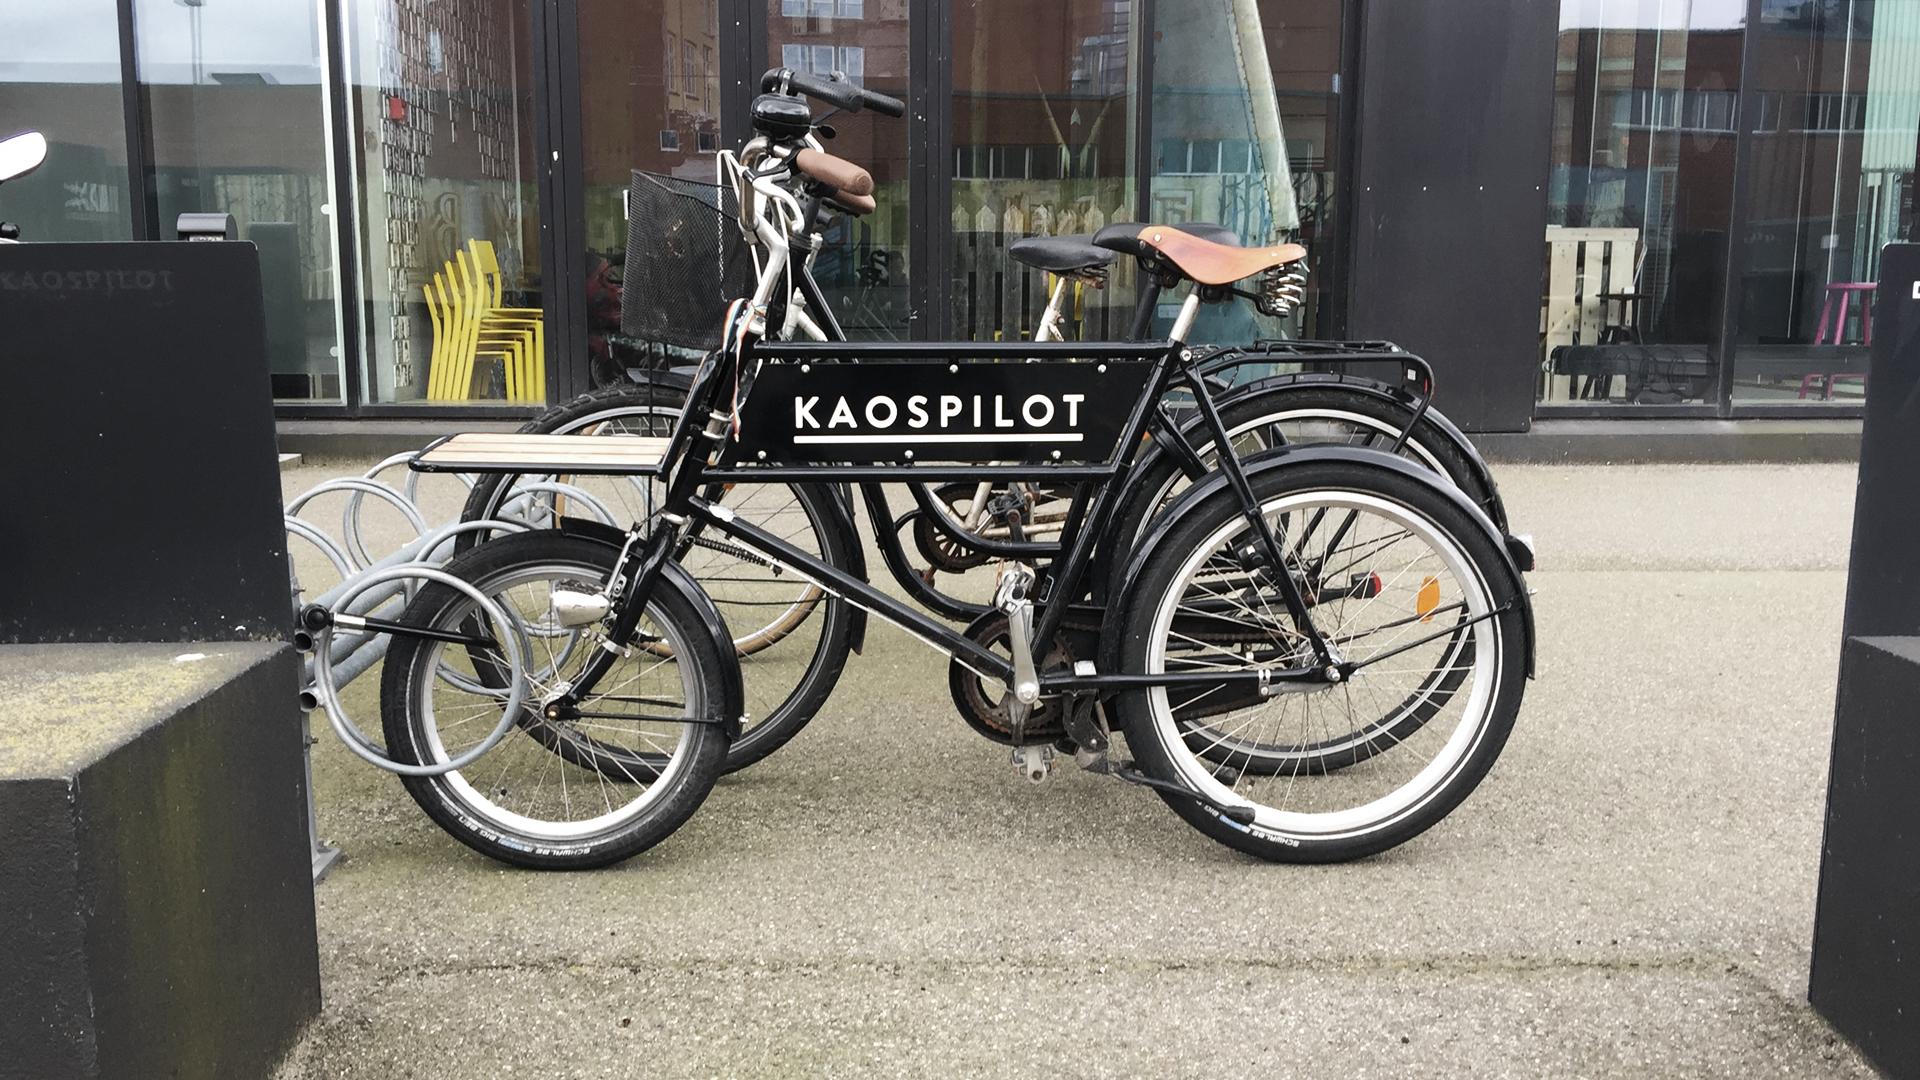 Kaospilot - ビジネスとデザインを同時に学ぶことができる、未来のリーダーやアントレプレナーを育てる教育機関